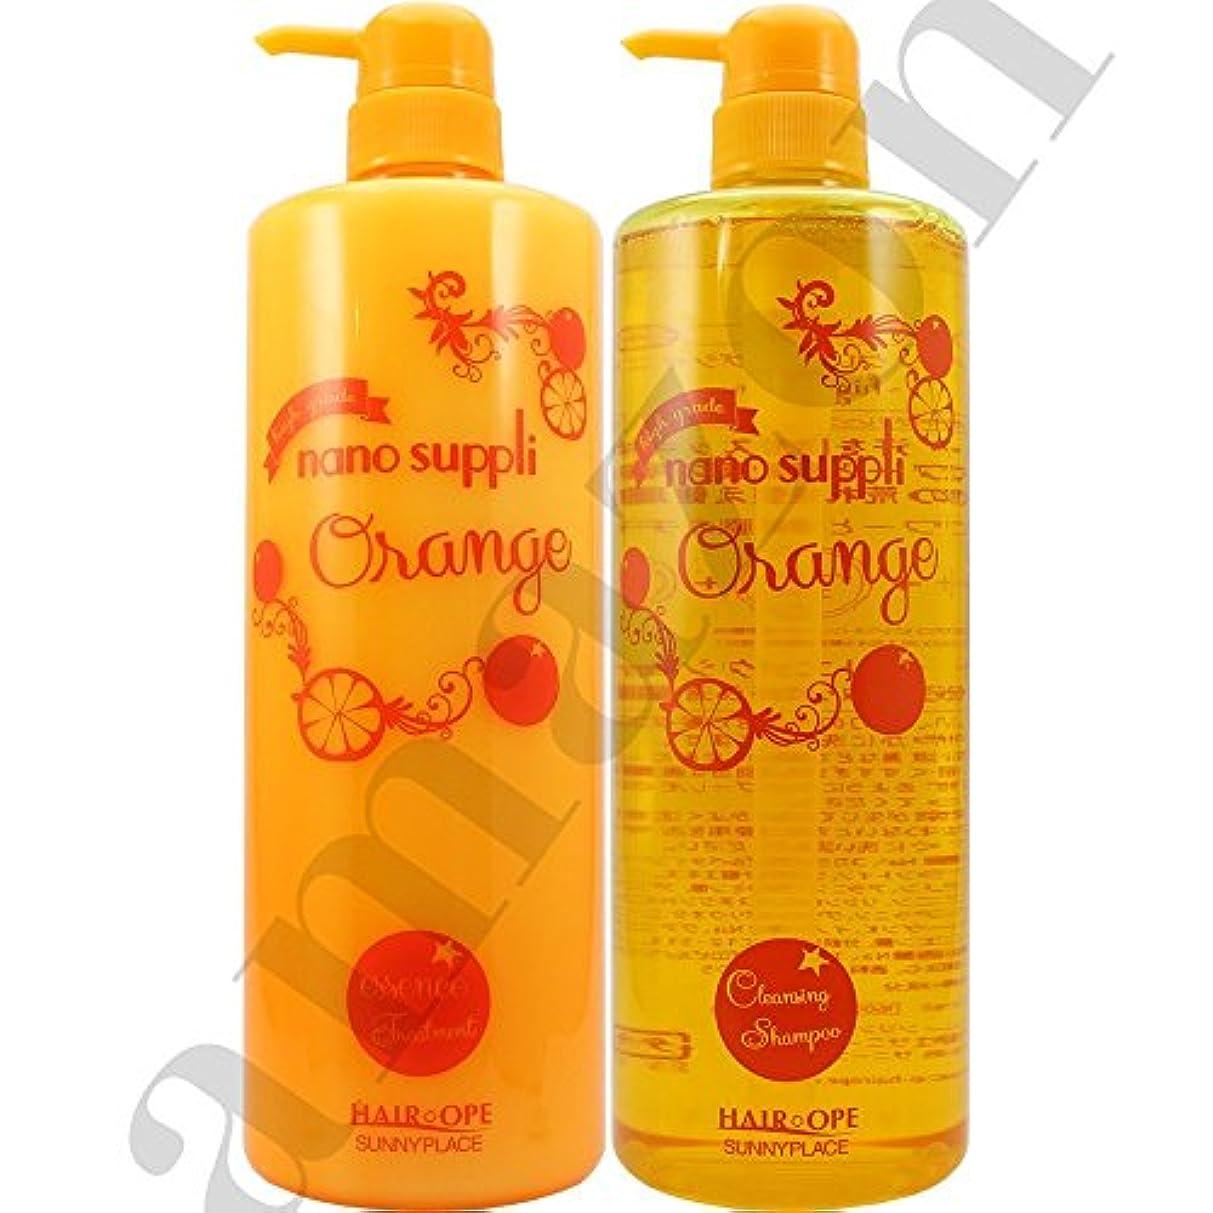 説明伝える無関心サニープレイス ナノサプリ クレンジングシャンプー&コンディショナー オレンジ 1000mlボトルセット